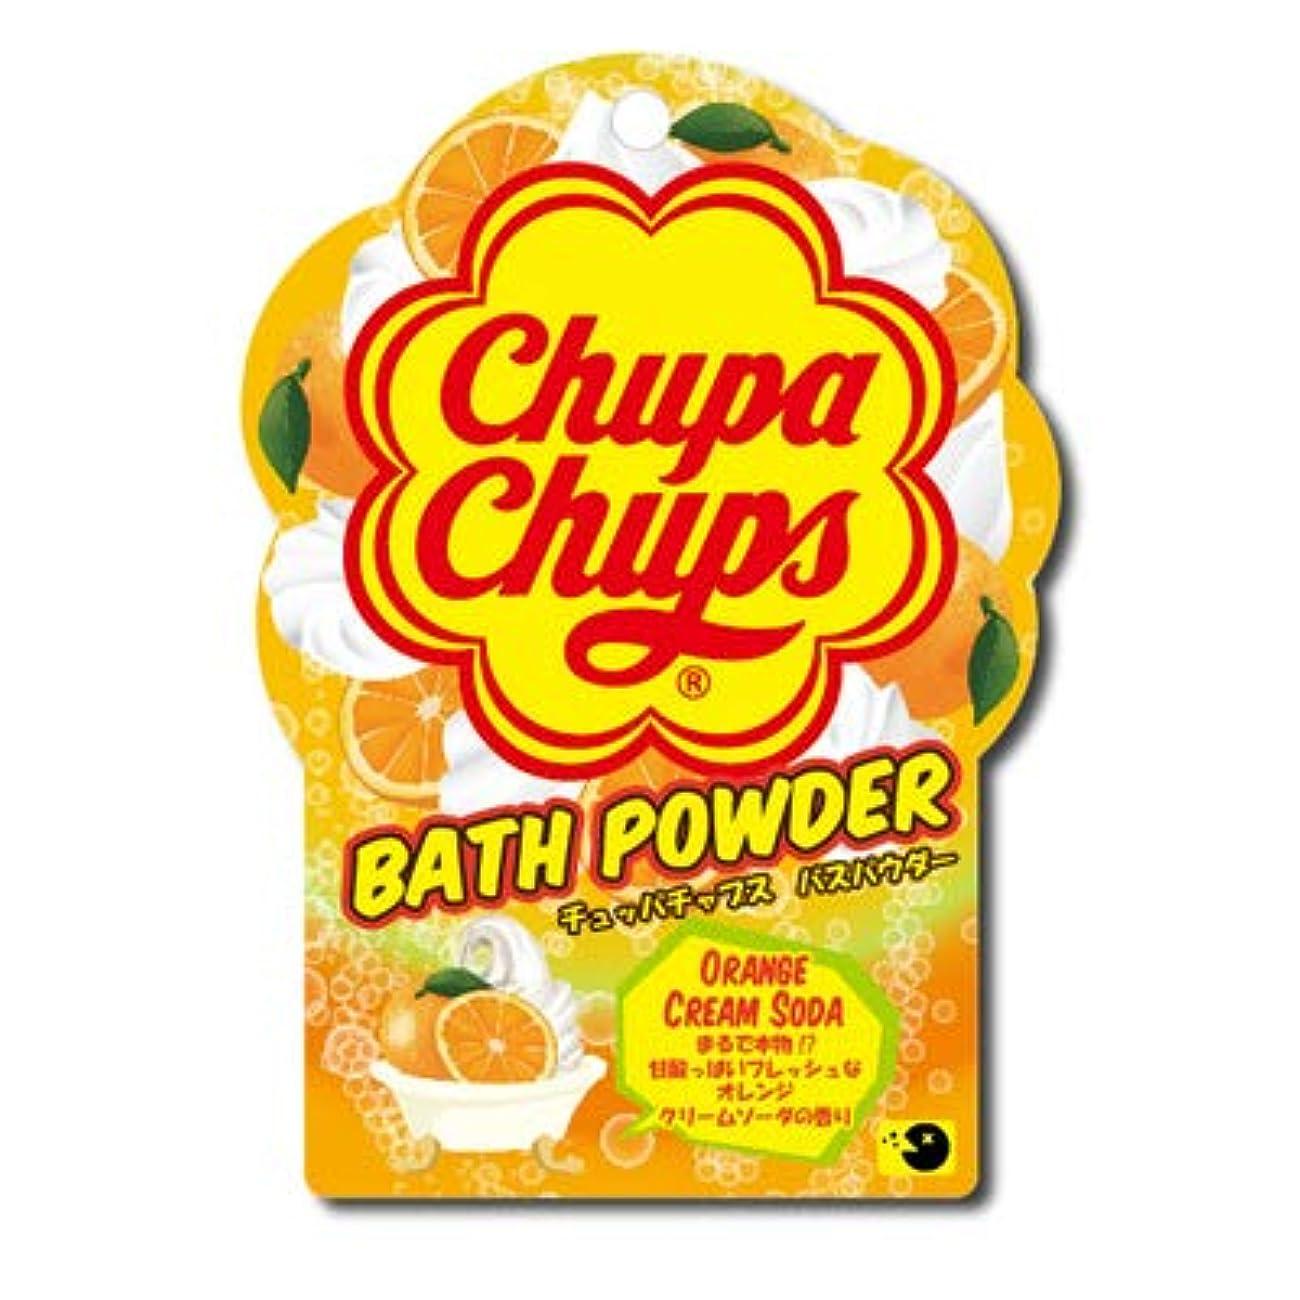 過半数パックホイスト【まとめ買い3個セット】 チュッパチャプスバスパウダー オレンジクリームソーダ